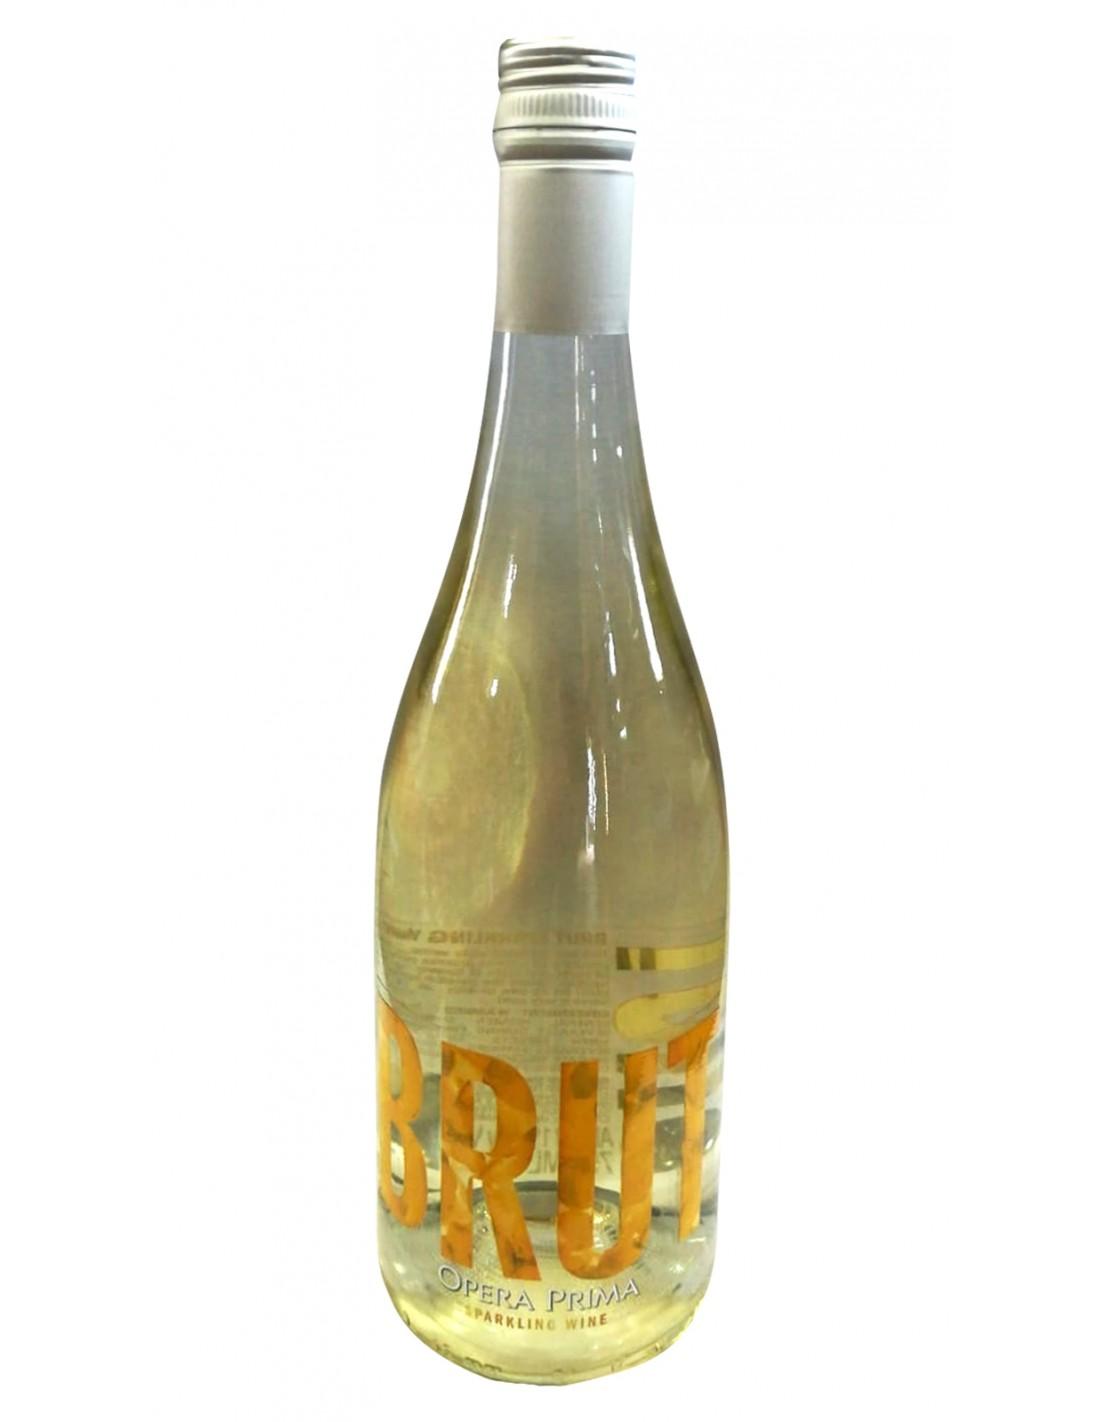 Vin spumant alb, Opera Prima, 0.75L, 11% alc., Spania